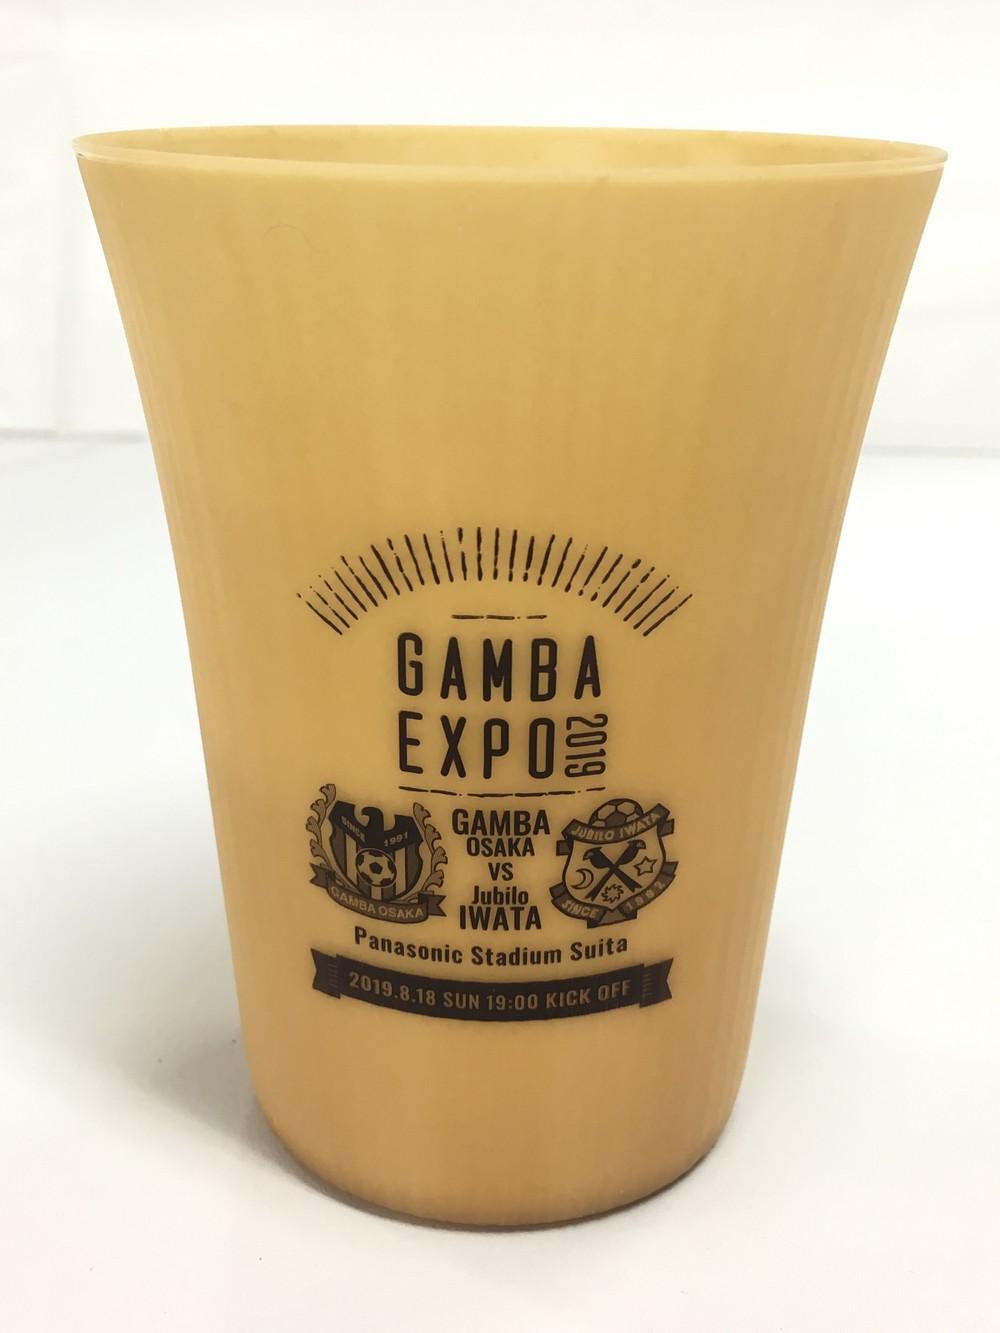 ガンバ大阪「環境配慮型ビールカップ」提供 プラゴミ出さないサッカー観戦へ